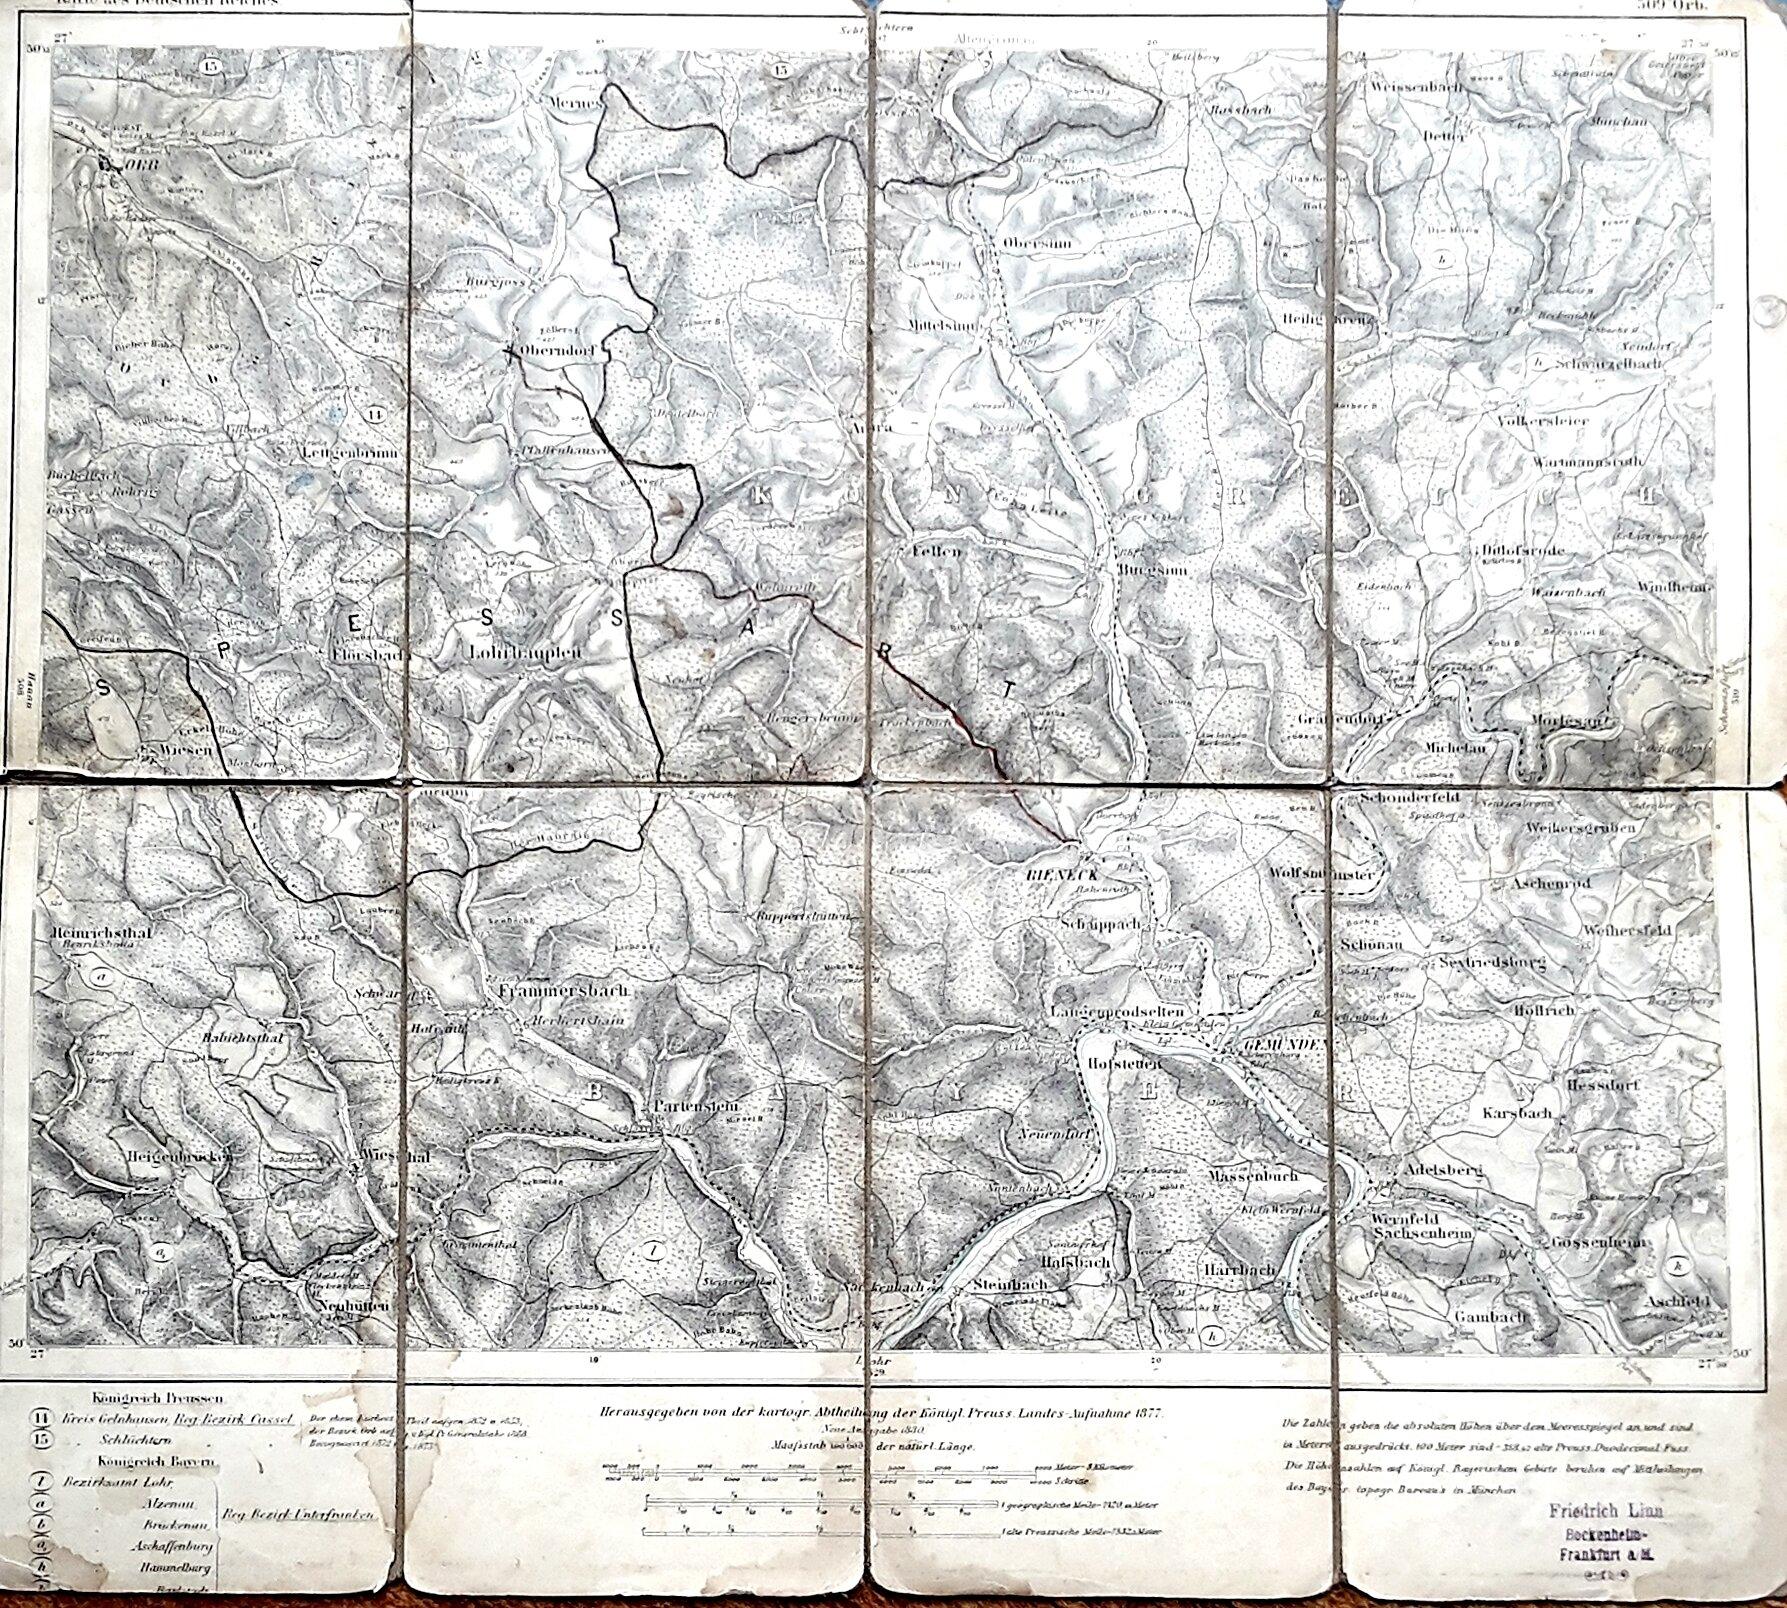 Spessartkarte 1877